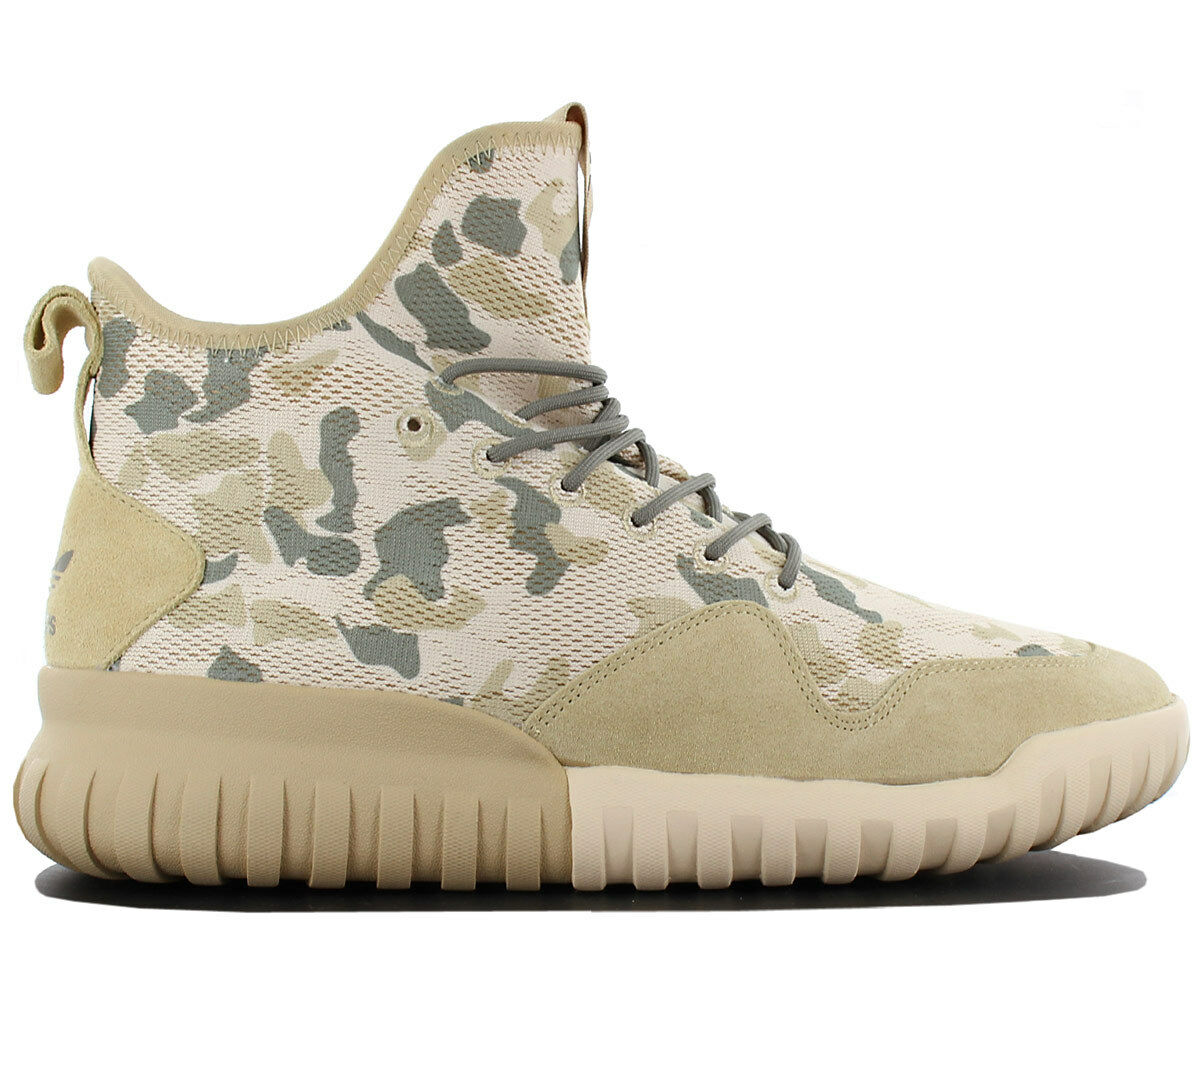 Adidas homme Terrex Climacool Voyager chaussures CM7535 noir/Carbon/noir